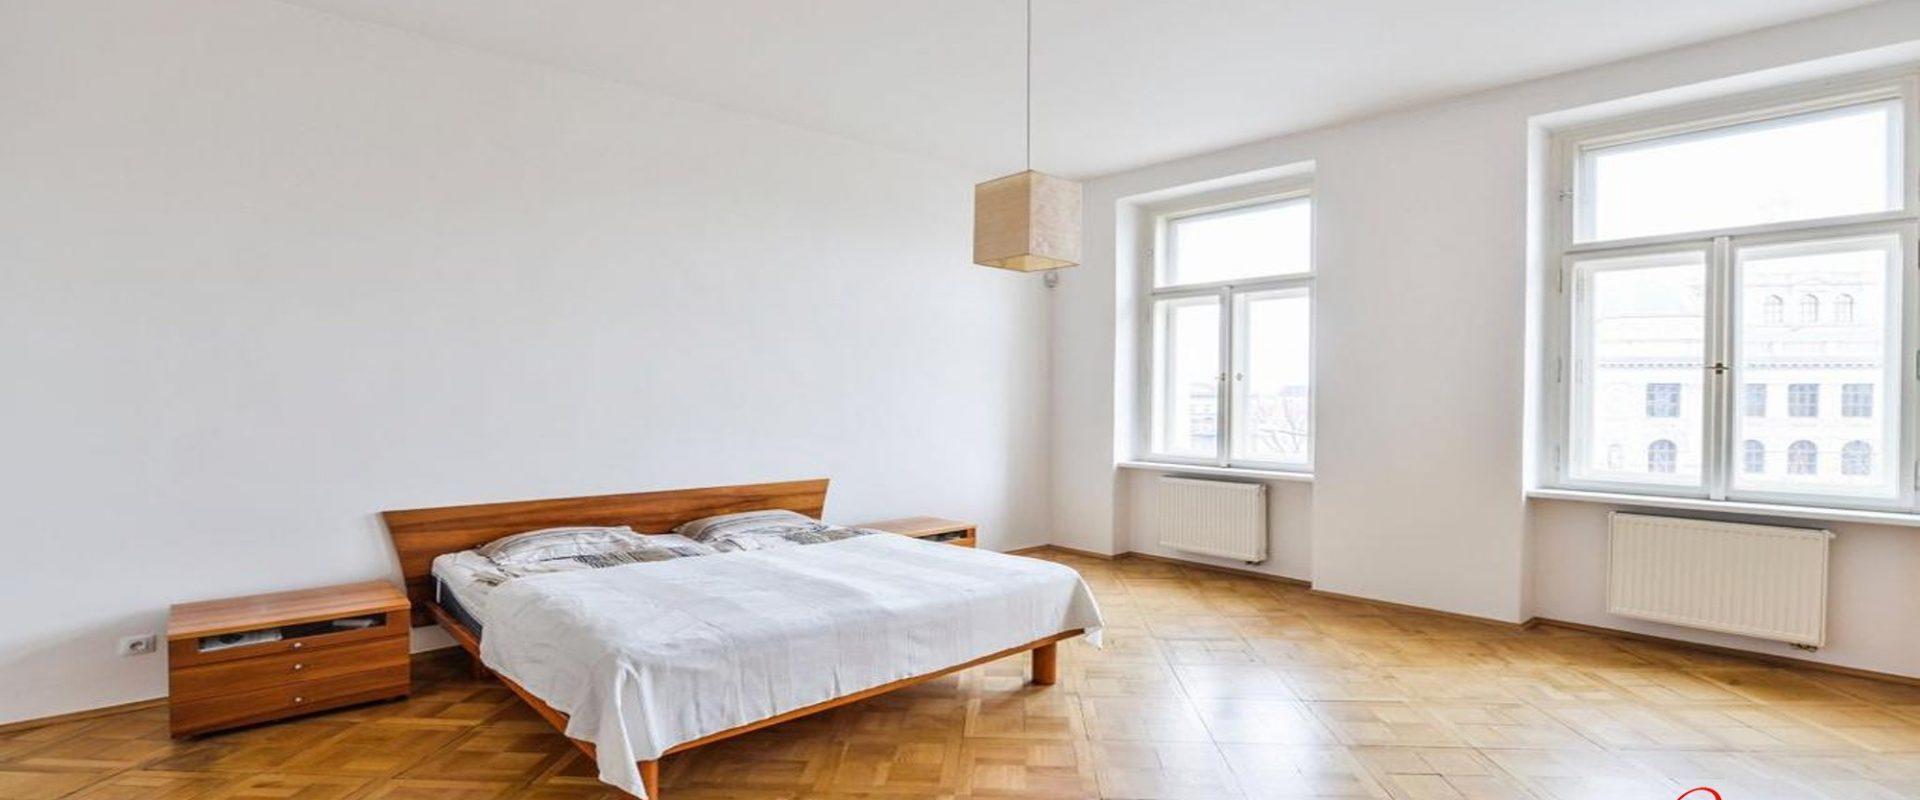 Byt 3+1, 191 m², Čelakovského sady, Praha Vinohrady.